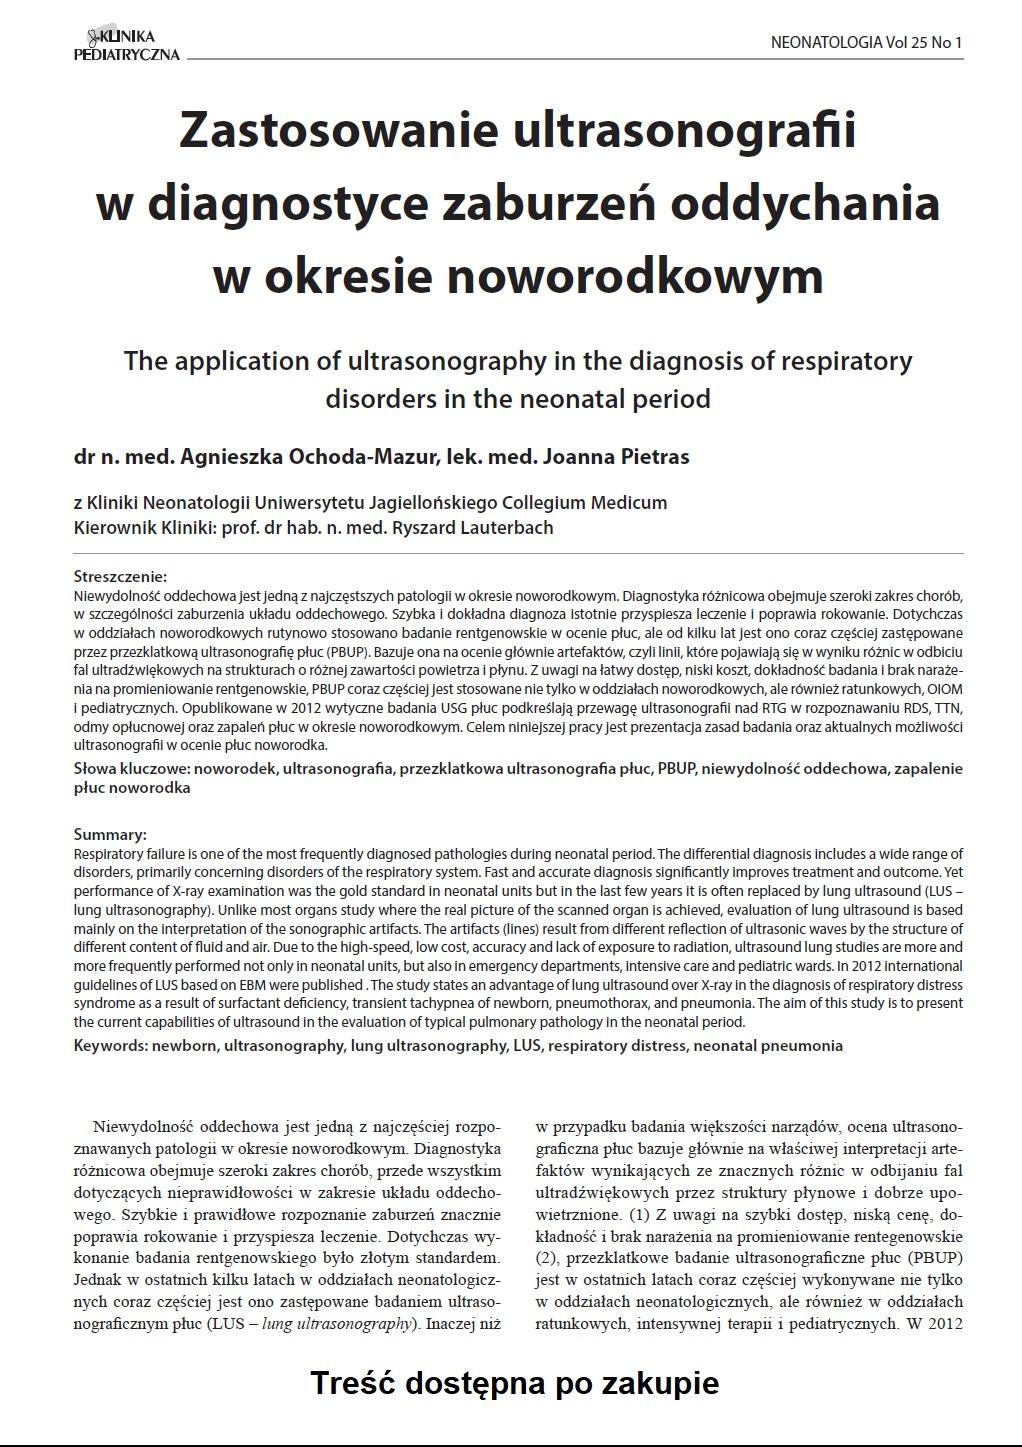 KP 1/2017 Zastosowanie ultrasonografii w diagnostyce zaburzeń oddychania w okresie noworodkowym